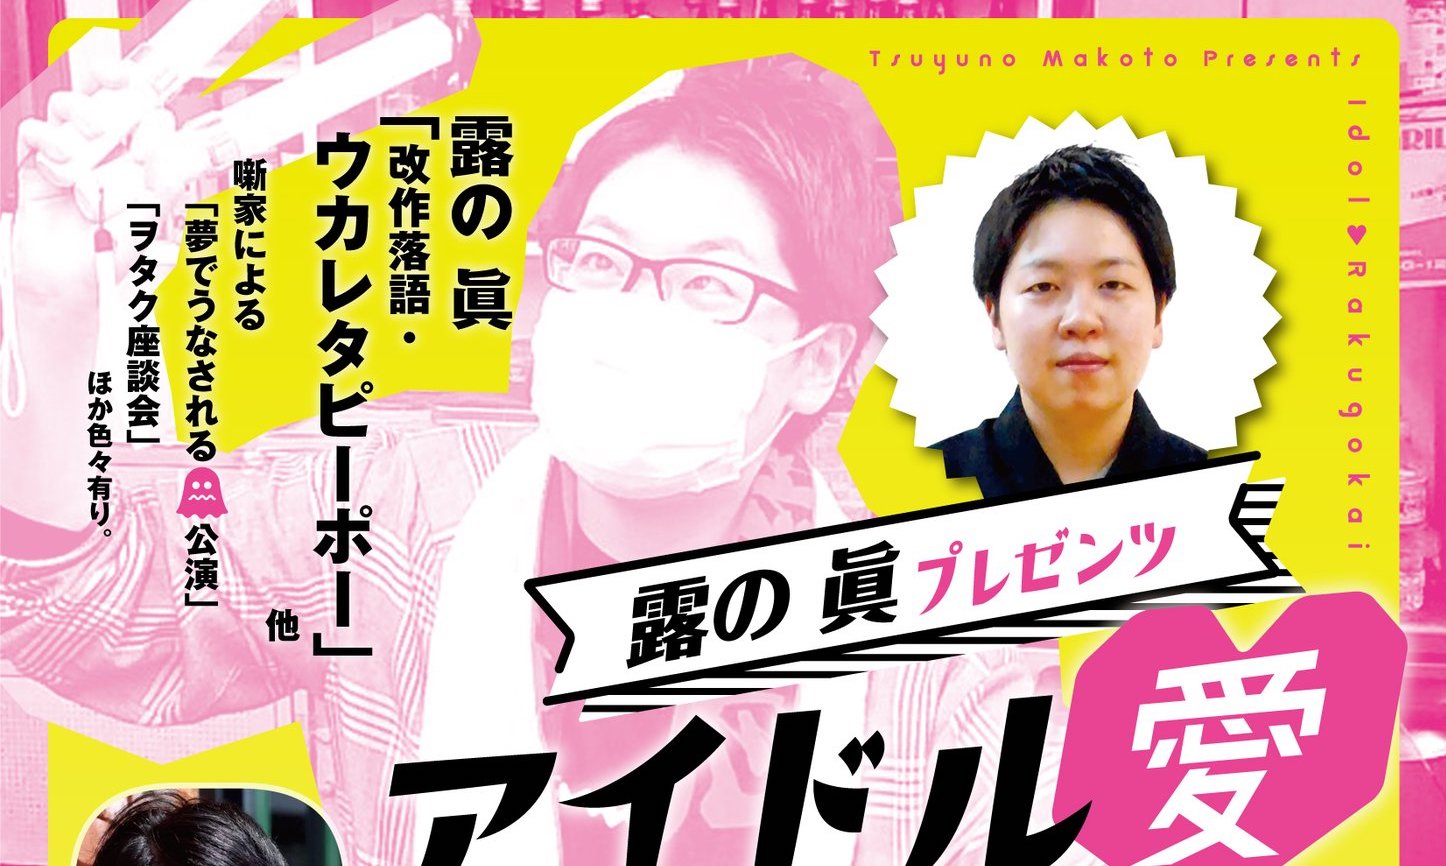 【安部若菜】4/8の天満天神繁昌亭落語会にわかぽんが出演